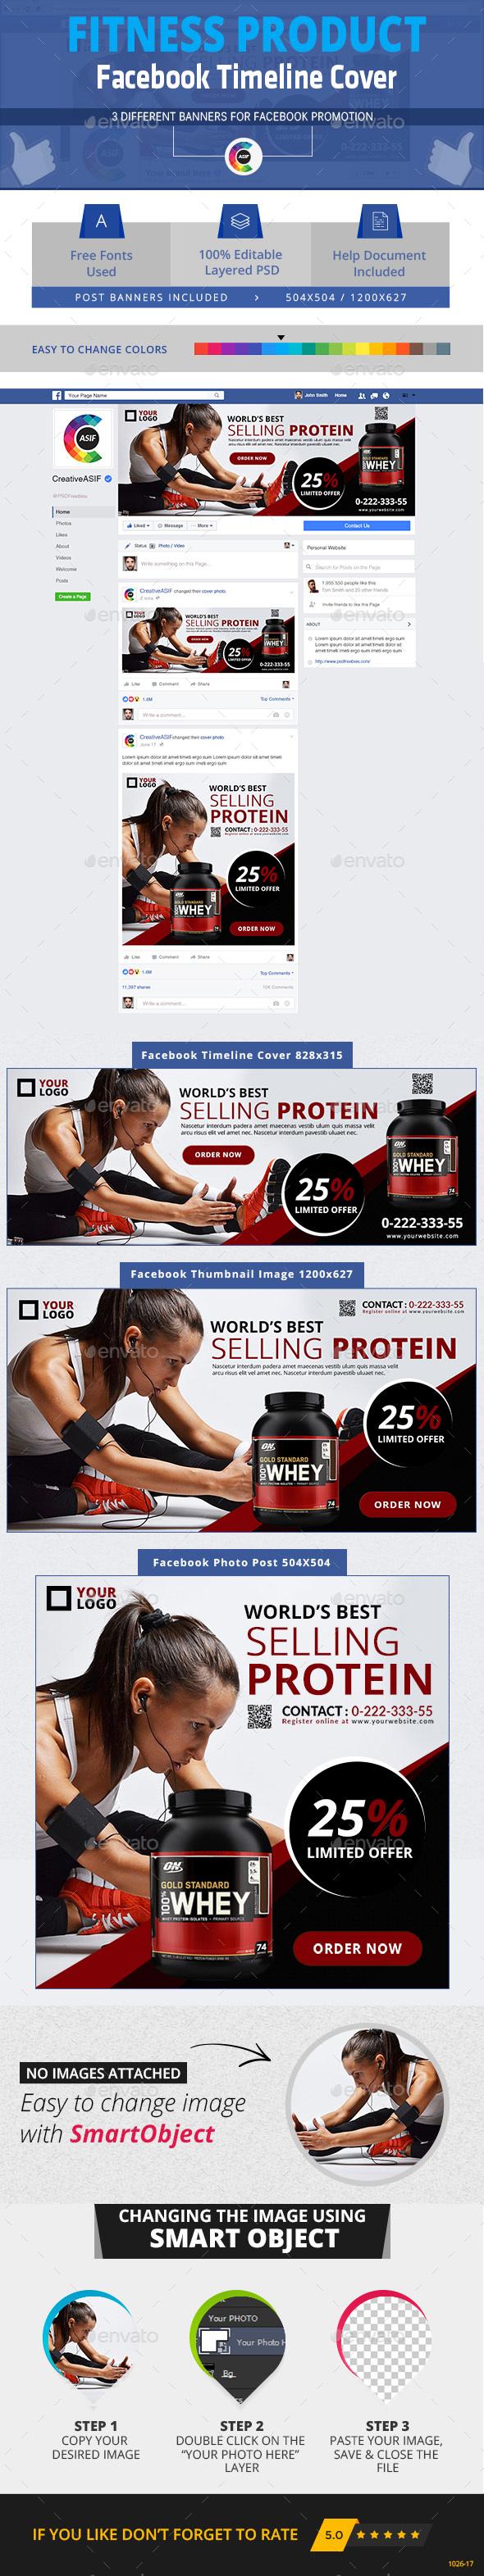 Fitness Facebook Timeline Cover - Facebook Timeline Covers Social Media